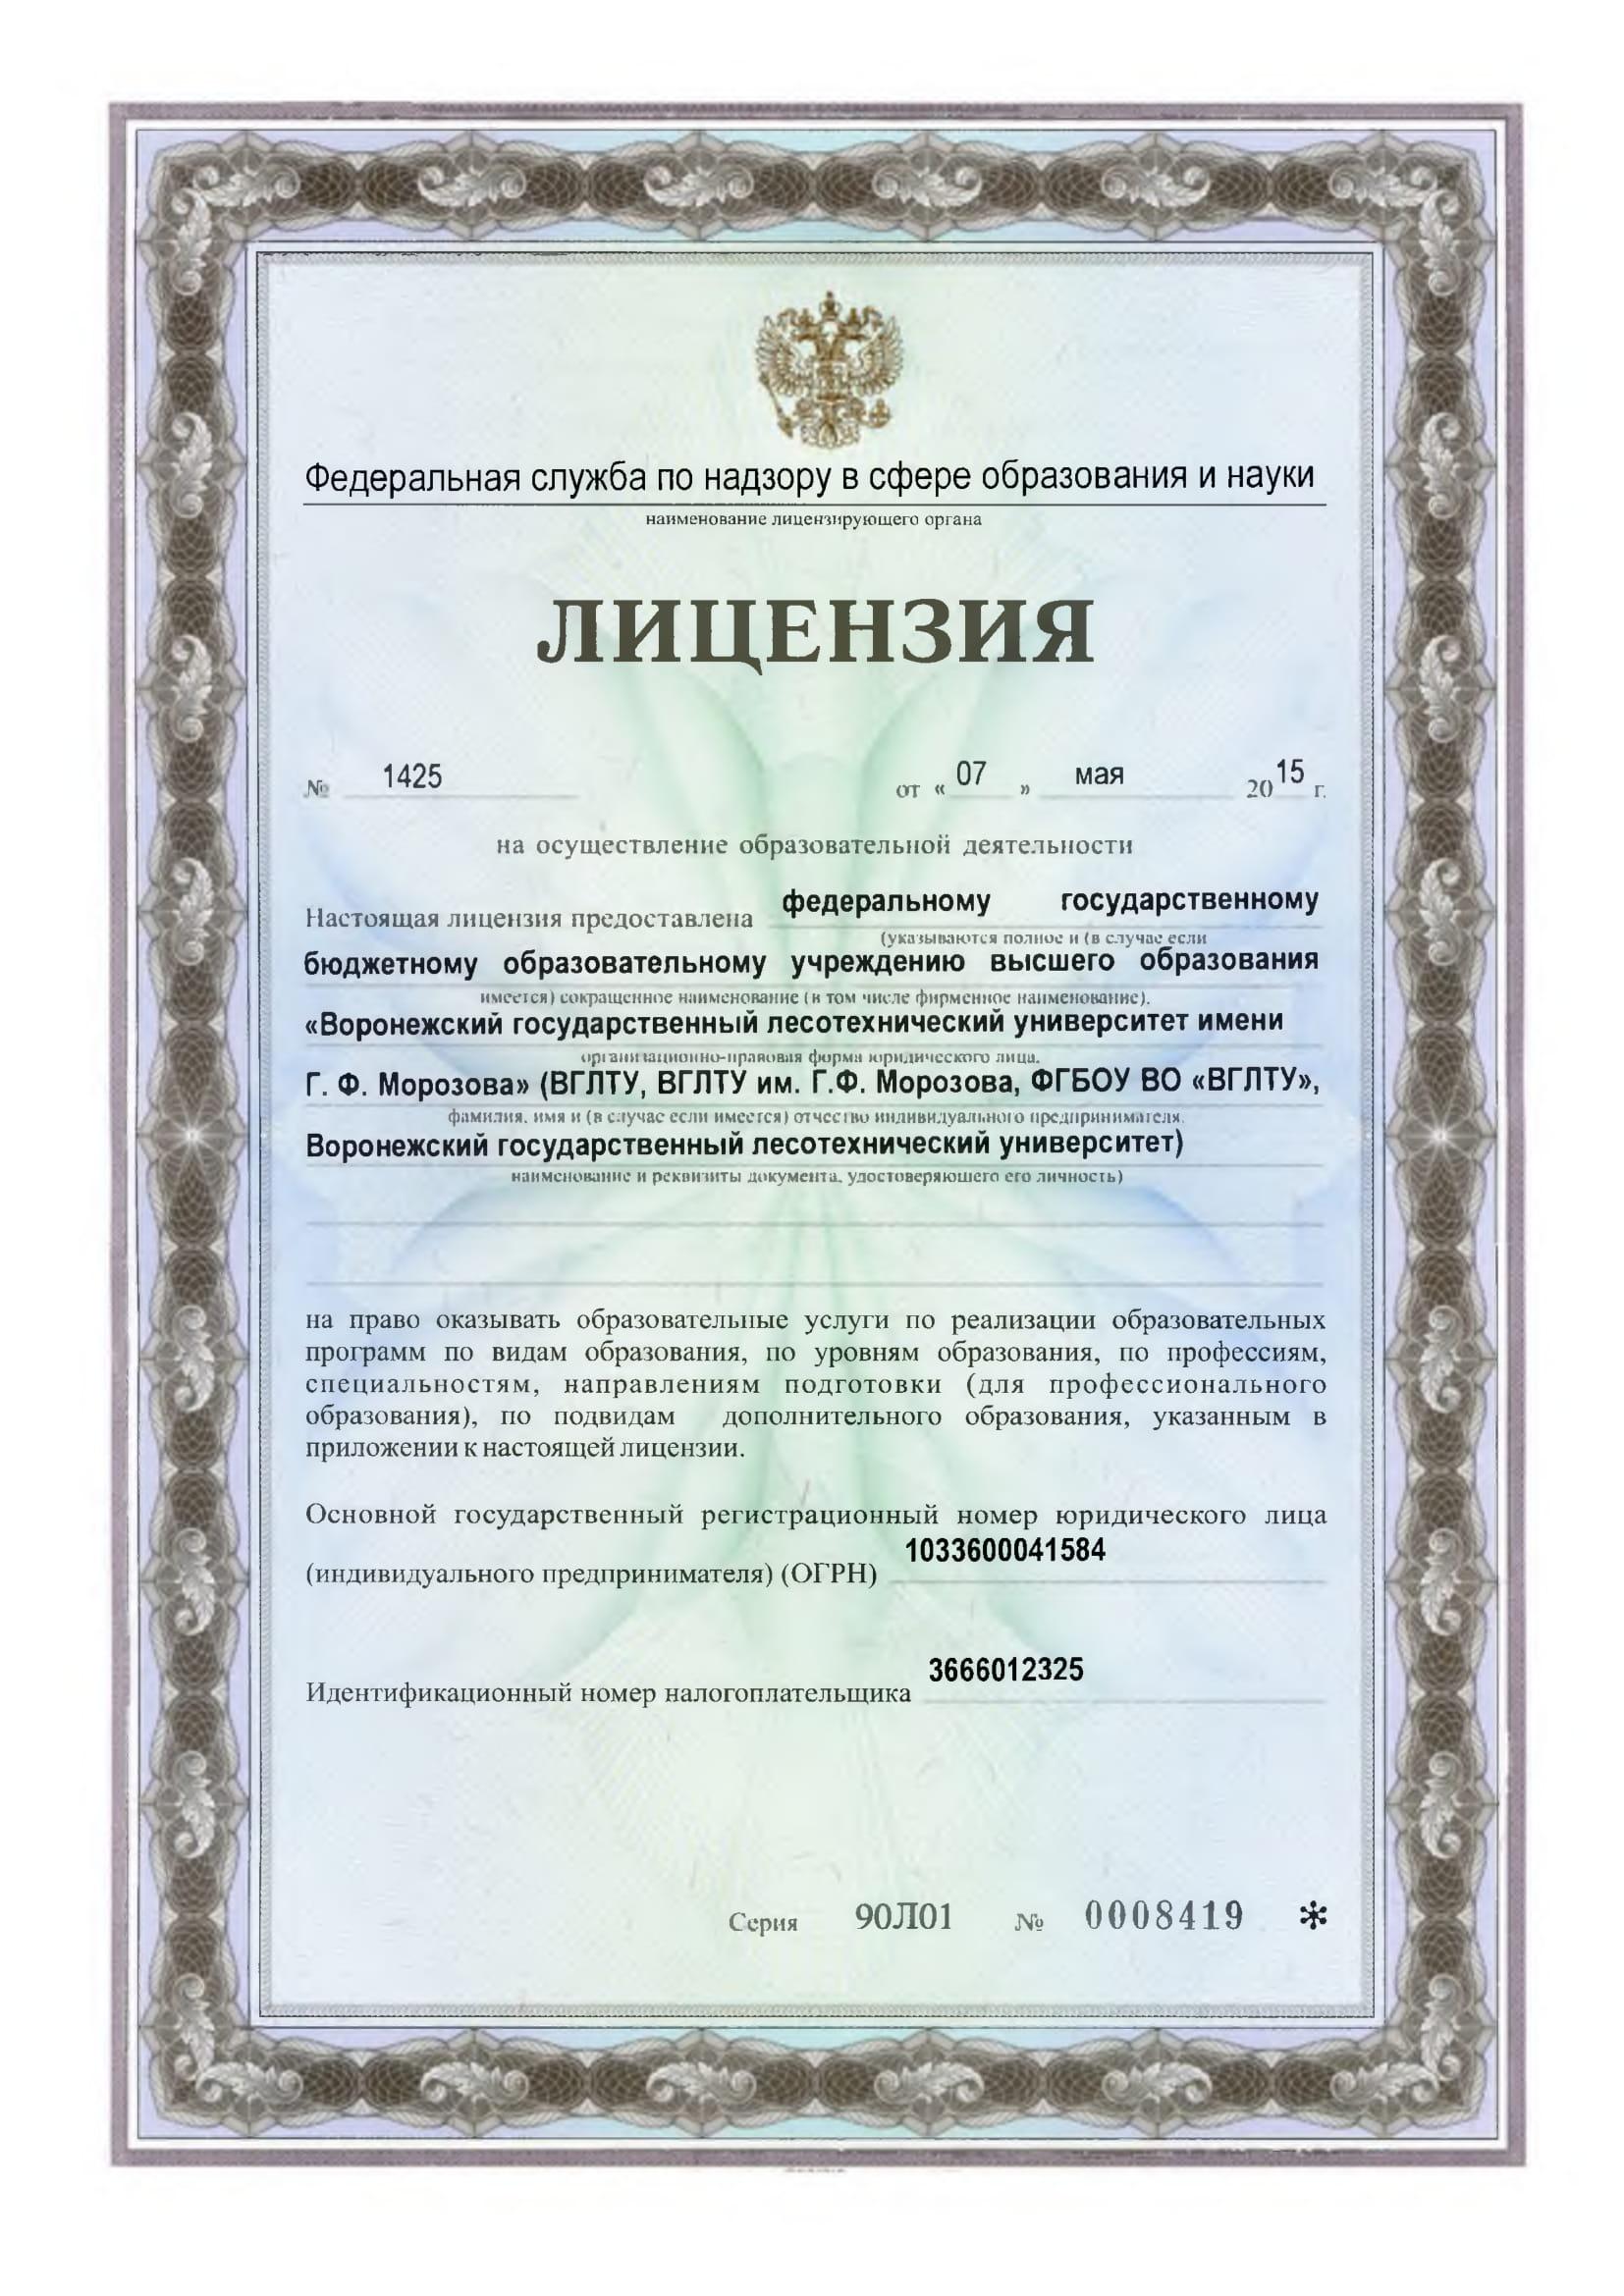 http://departamentvpo.ru/wp-content/uploads/2019/06/licenzija-vglu_07.05.15-01.jpg